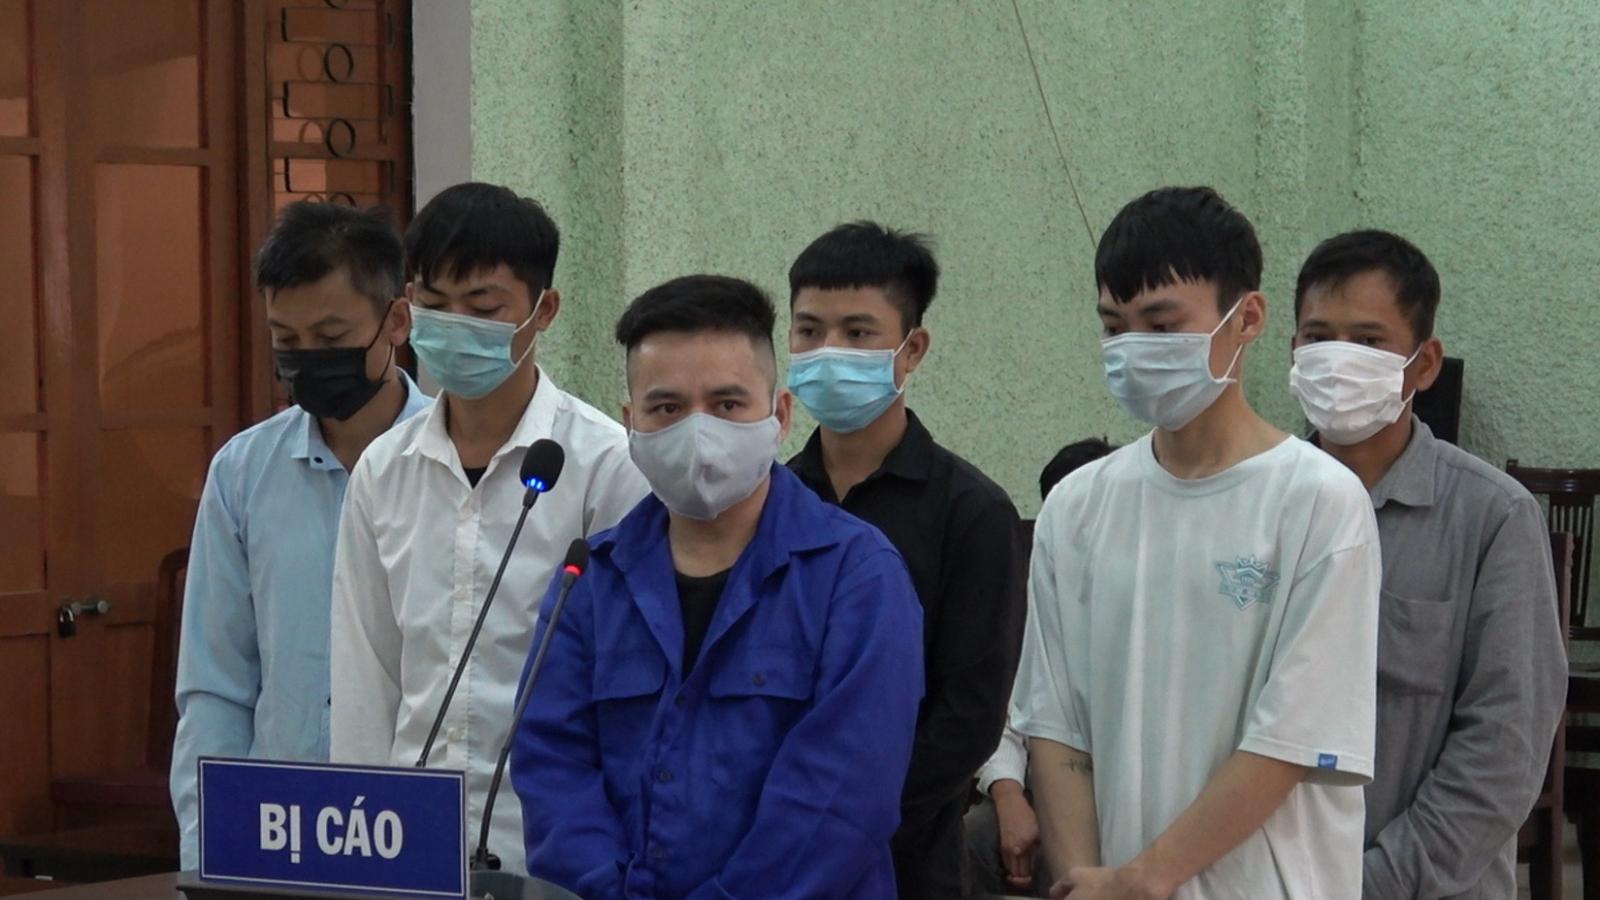 Đưa 54 người Việt xuất cảnh trái phép sang Trung Quốc: 12 năm tù cho kẻ cầm đầu